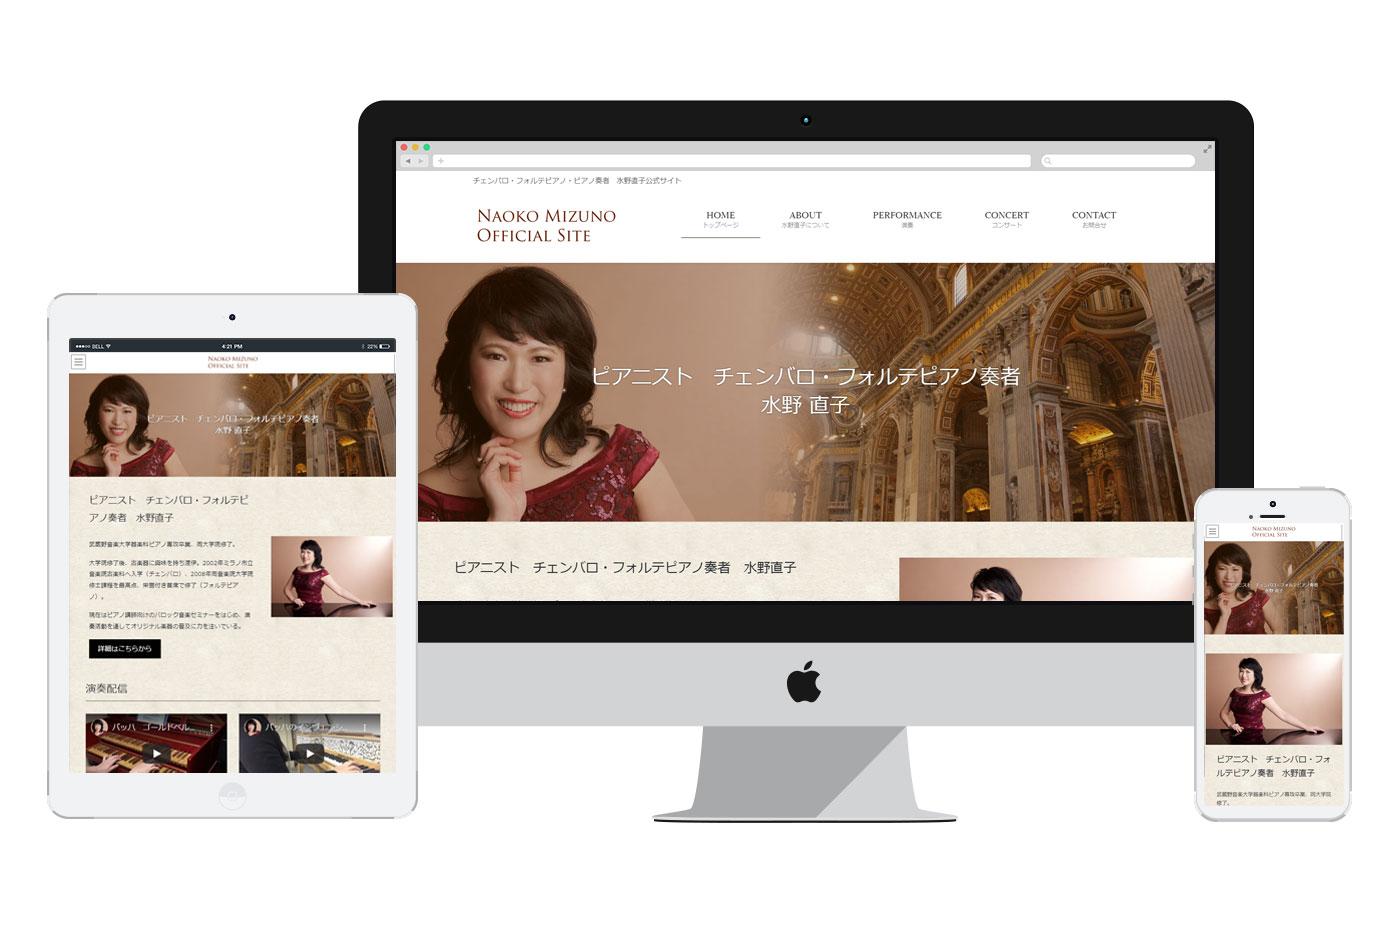 水野直子 公式サイト